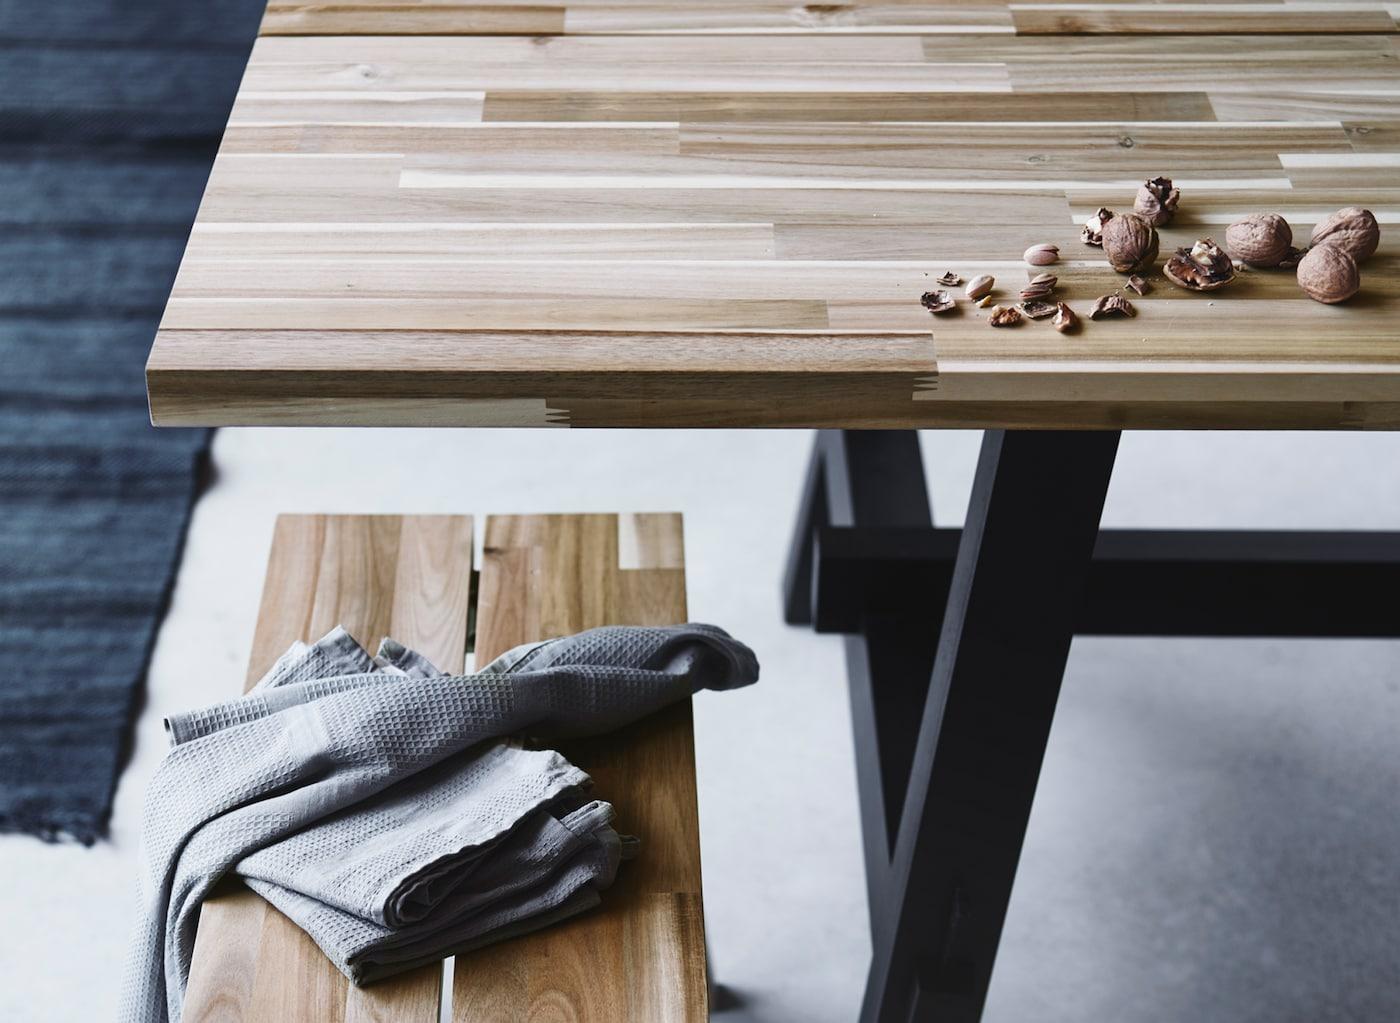 Прямокутний SKOGSTA СКОГСТА обідній стіл і лава у скандинавському стилі, виготовлені з деревини з виразною фактурою з градацією кольору.